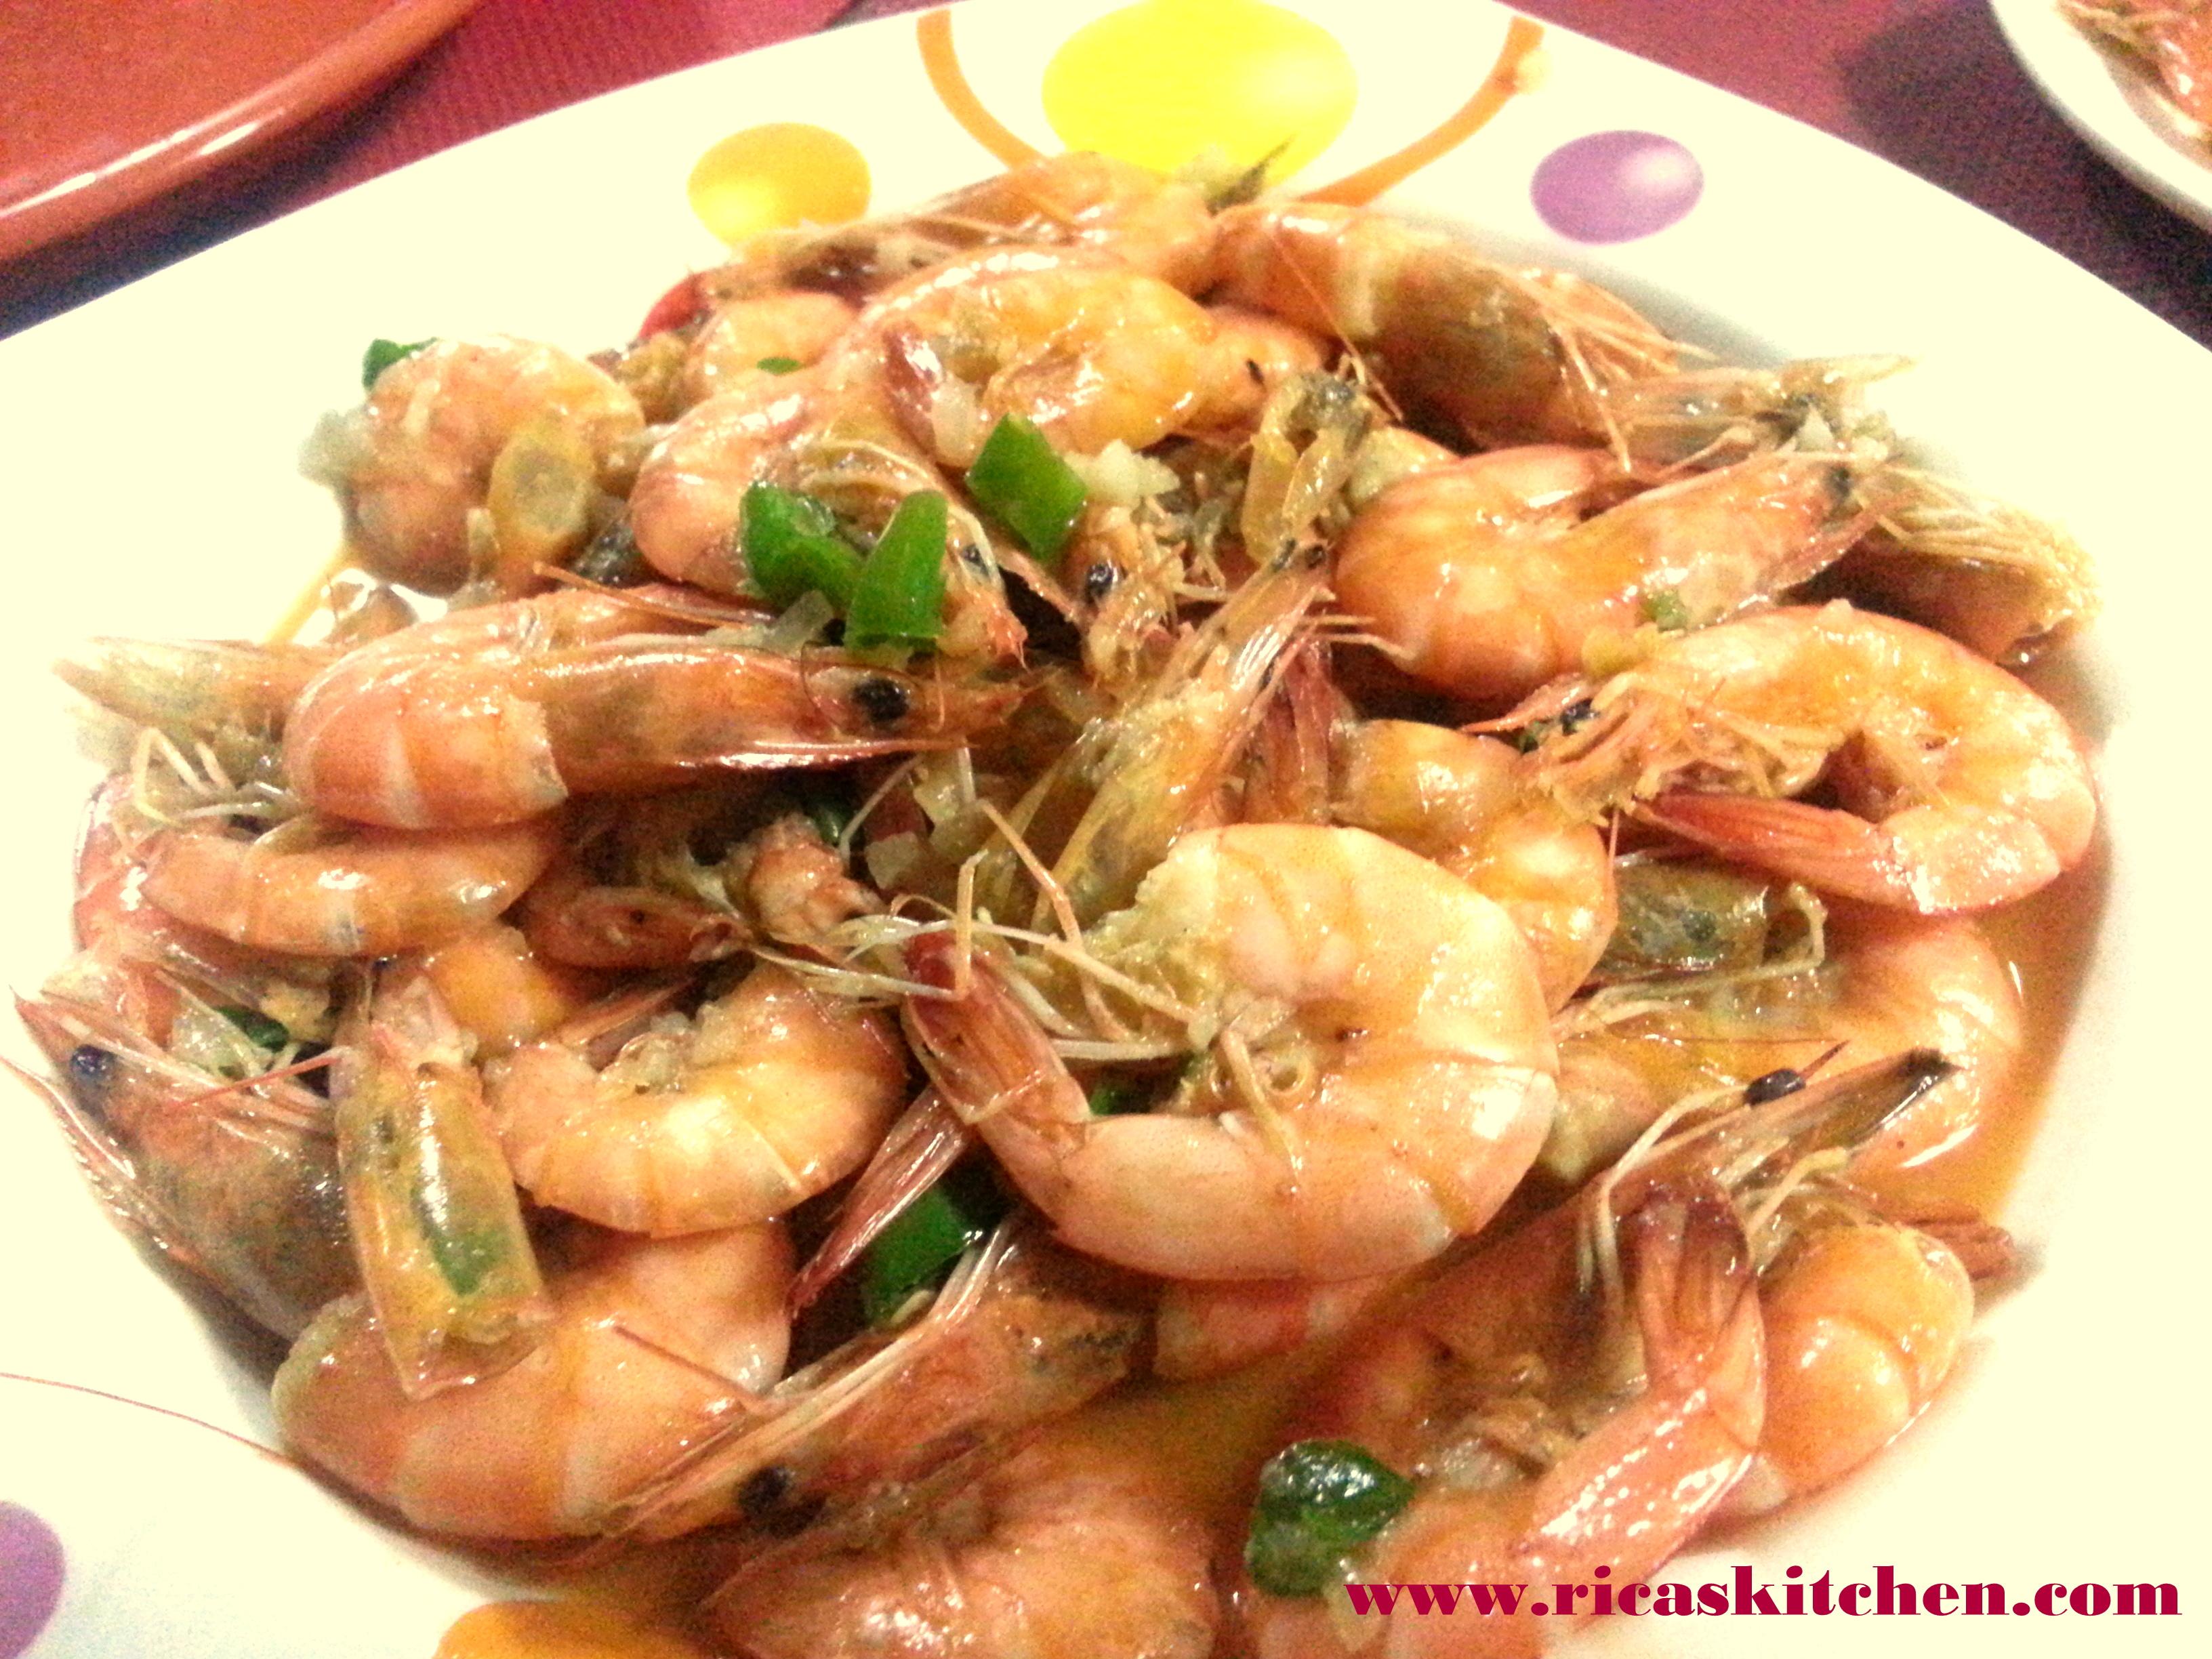 Sweet and Spicy Sautéed Shrimp